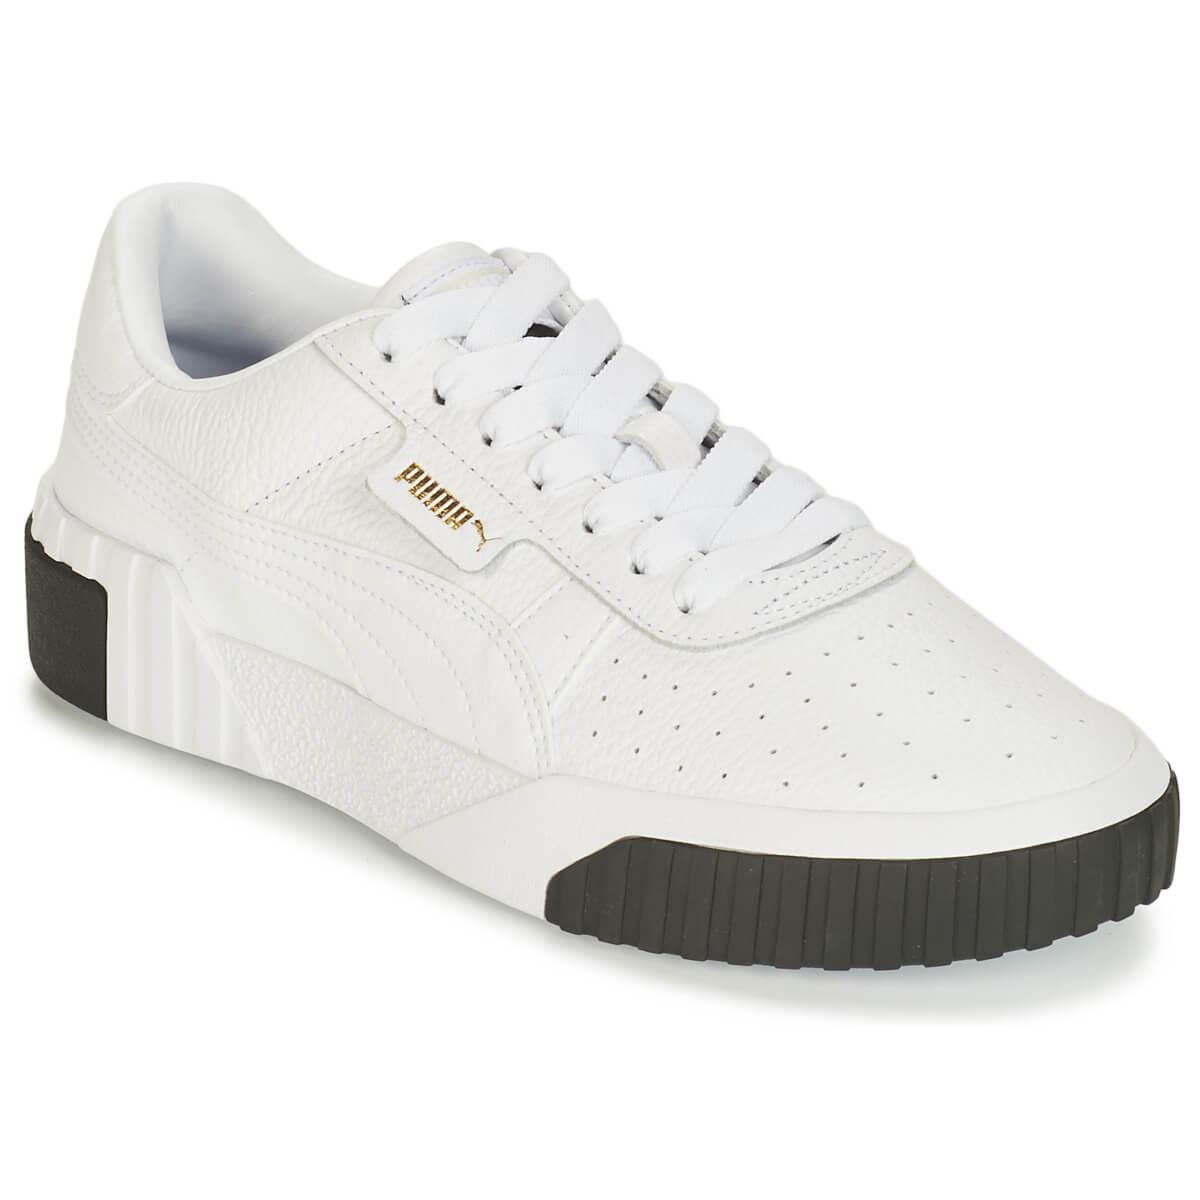 أسعار أحذية بوما Puma فى مصر 2021